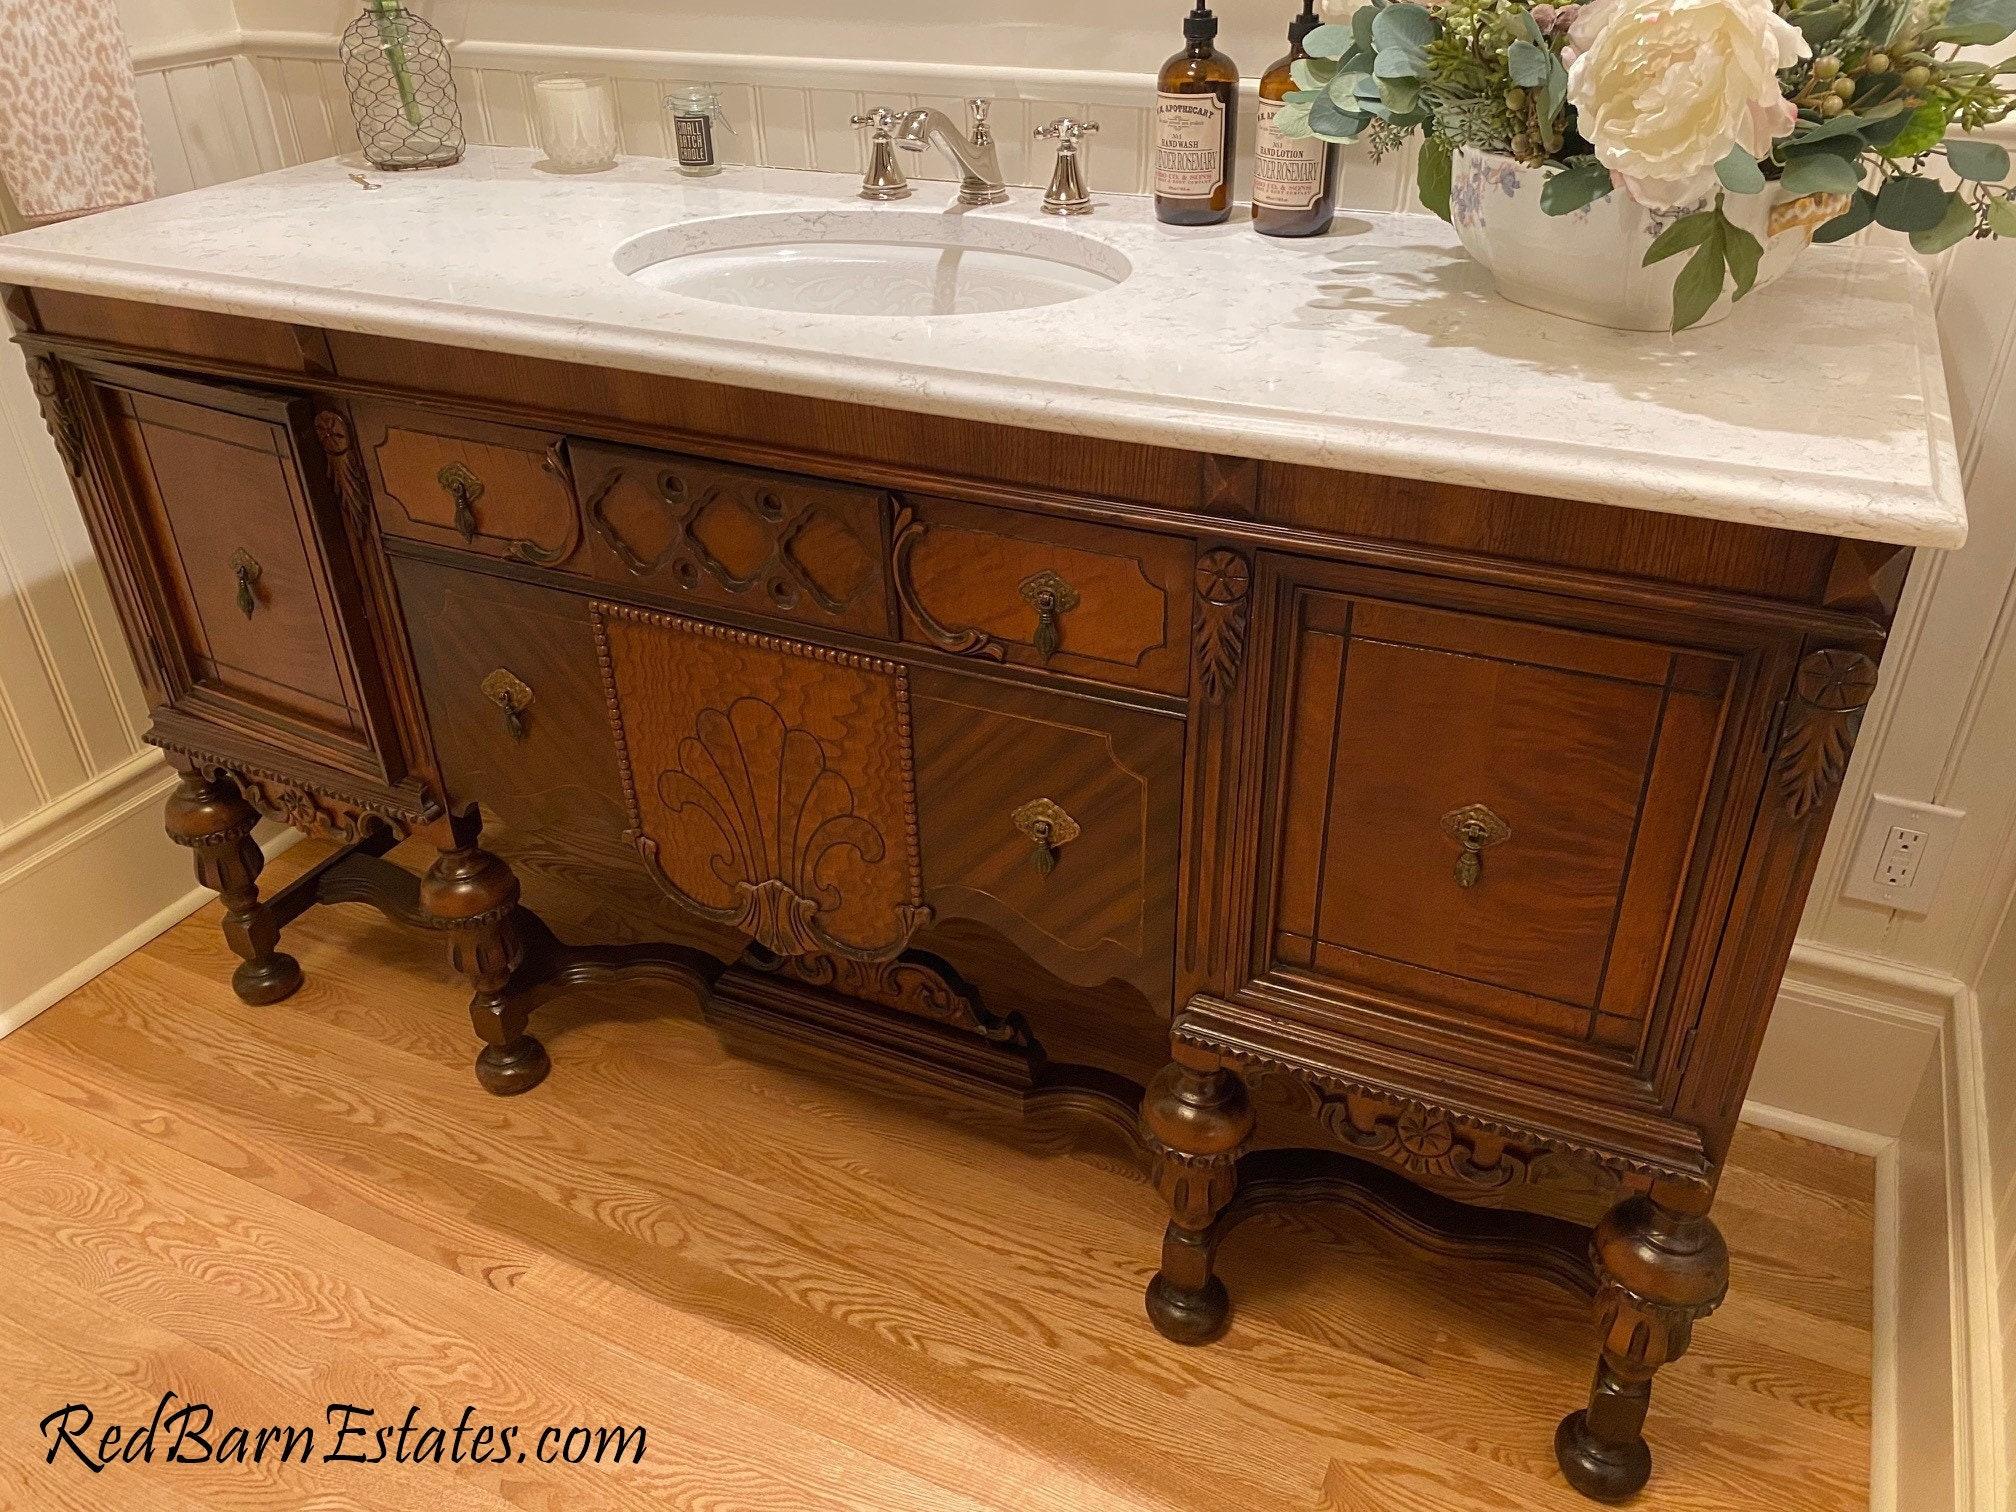 Bathroom Vanity Antique We Find, Vintage Bathroom Vanity